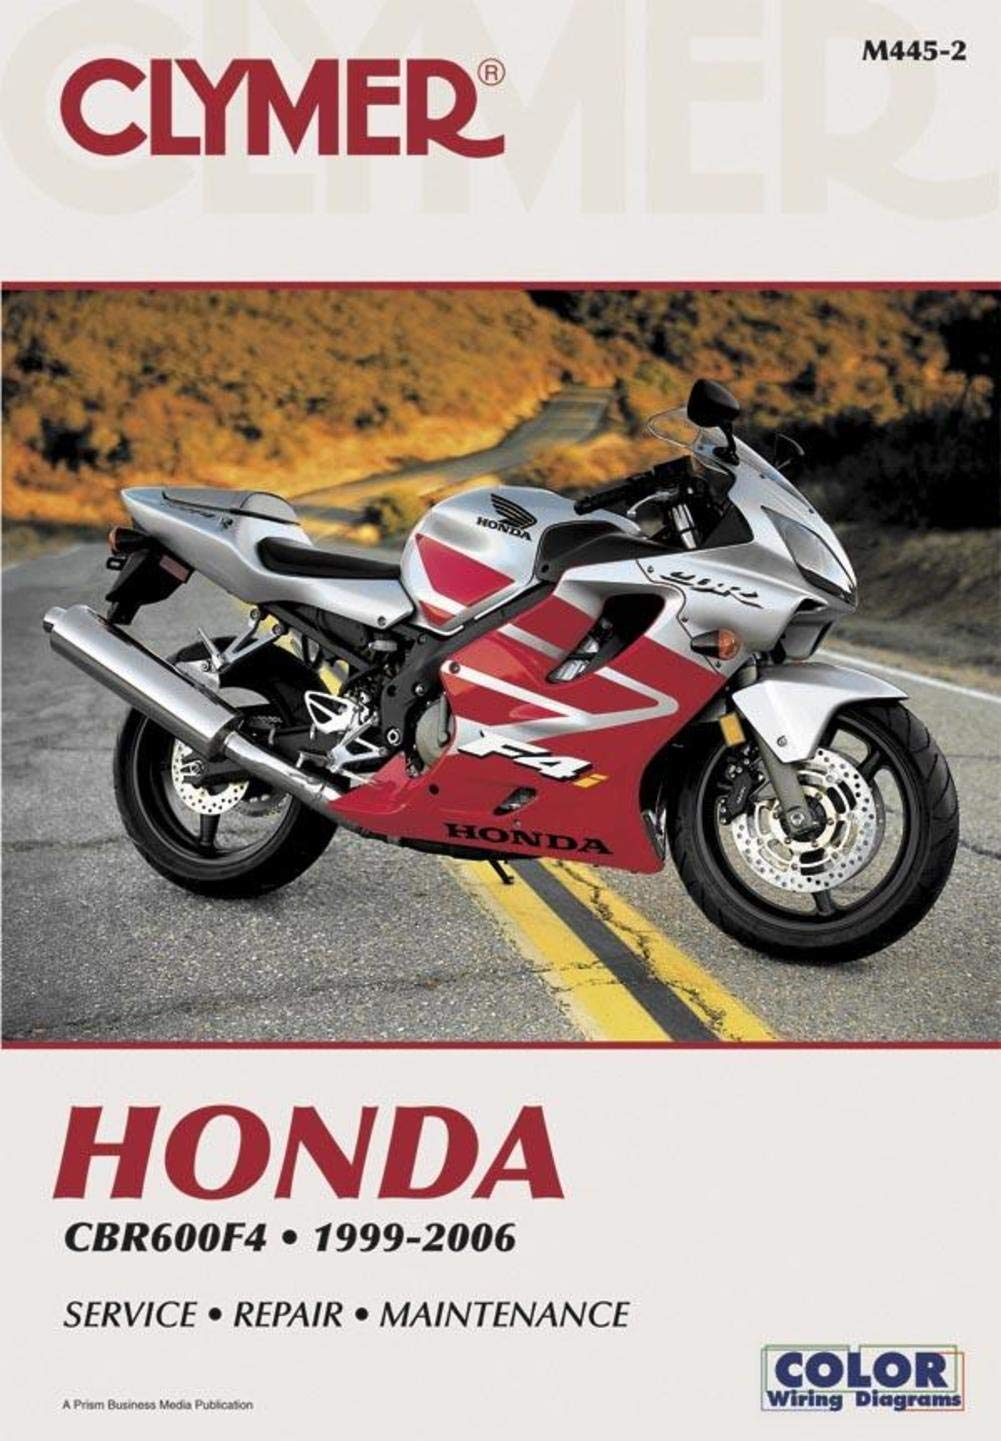 Clymer Honda Cbr600f4 1999 2006 53166 Automotive 2005 Cbr 600 Rr Color Wiring Diagram